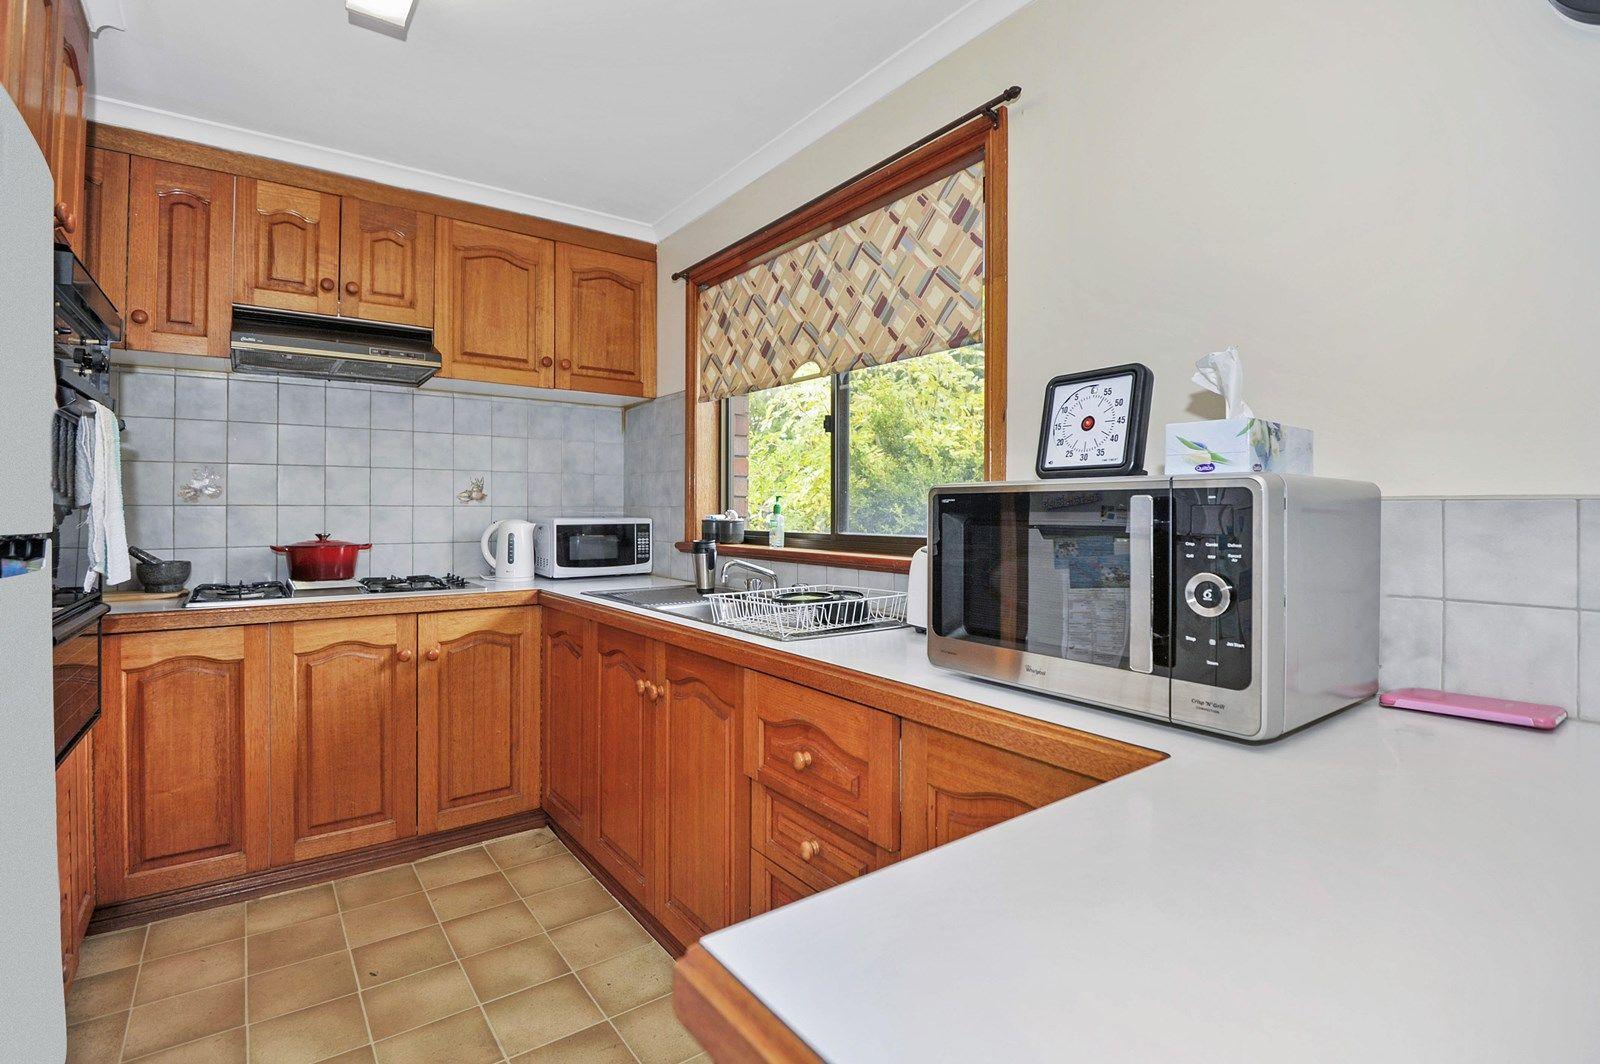 2/405 Eureka Street, Ballarat Central VIC 3350, Image 2